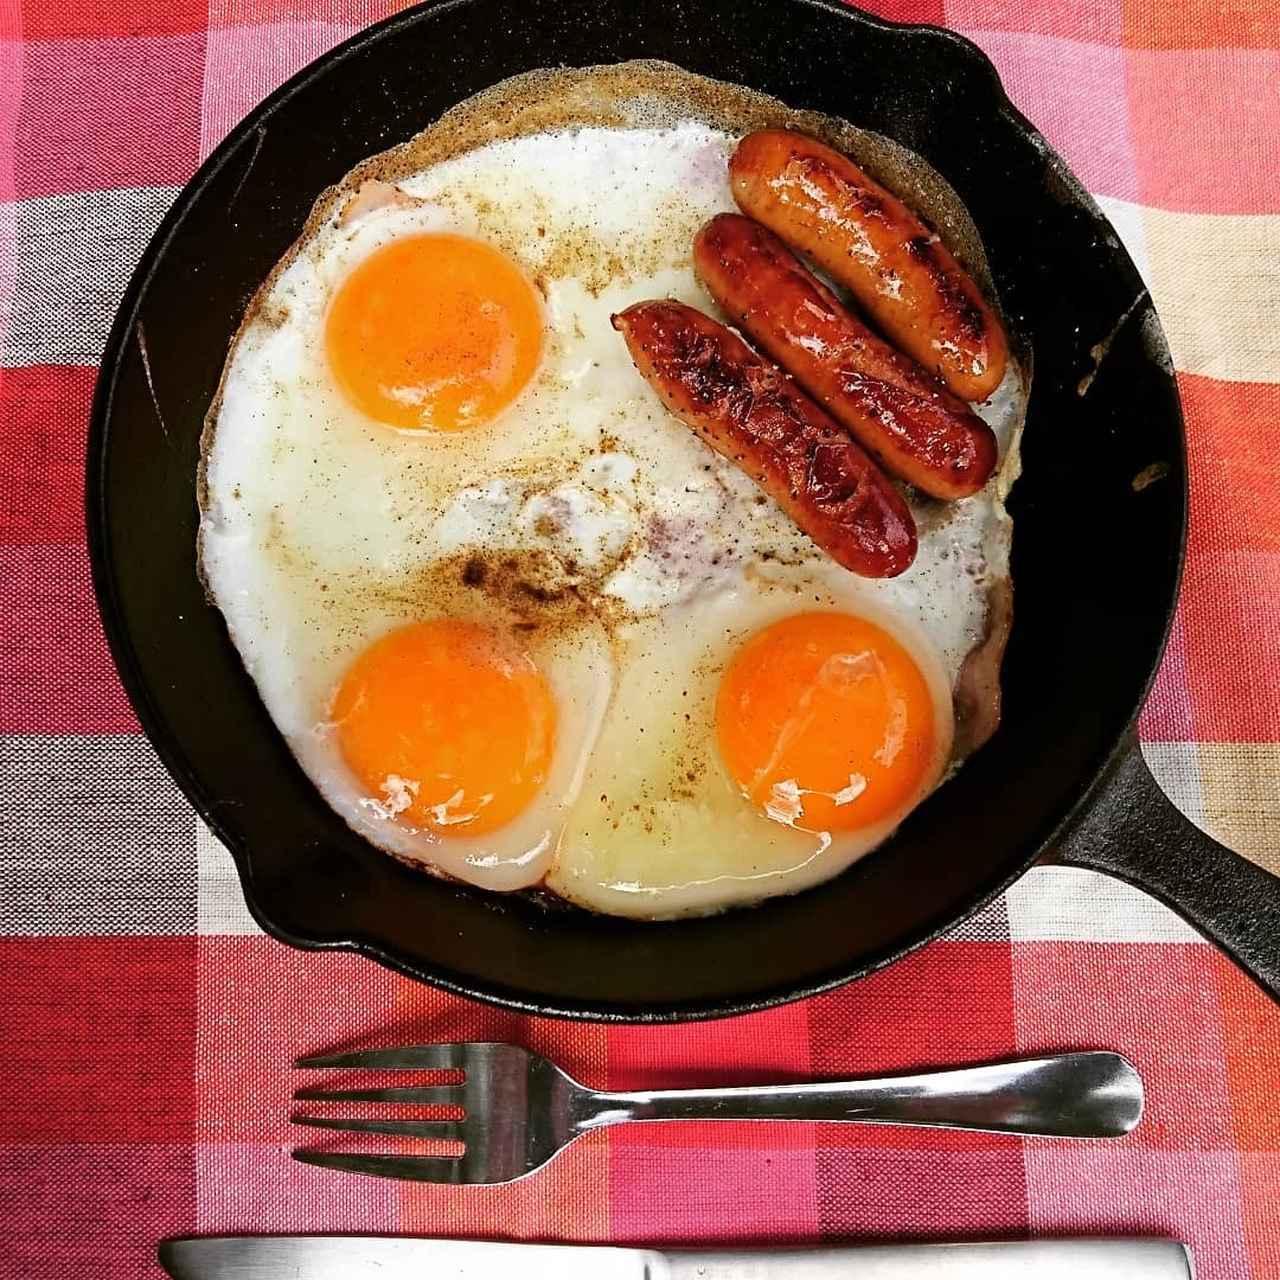 画像: 忙しいキャンプの朝ごはんにおすすめ!簡単&楽ちんレシピ3選 - ハピキャン(HAPPY CAMPER)